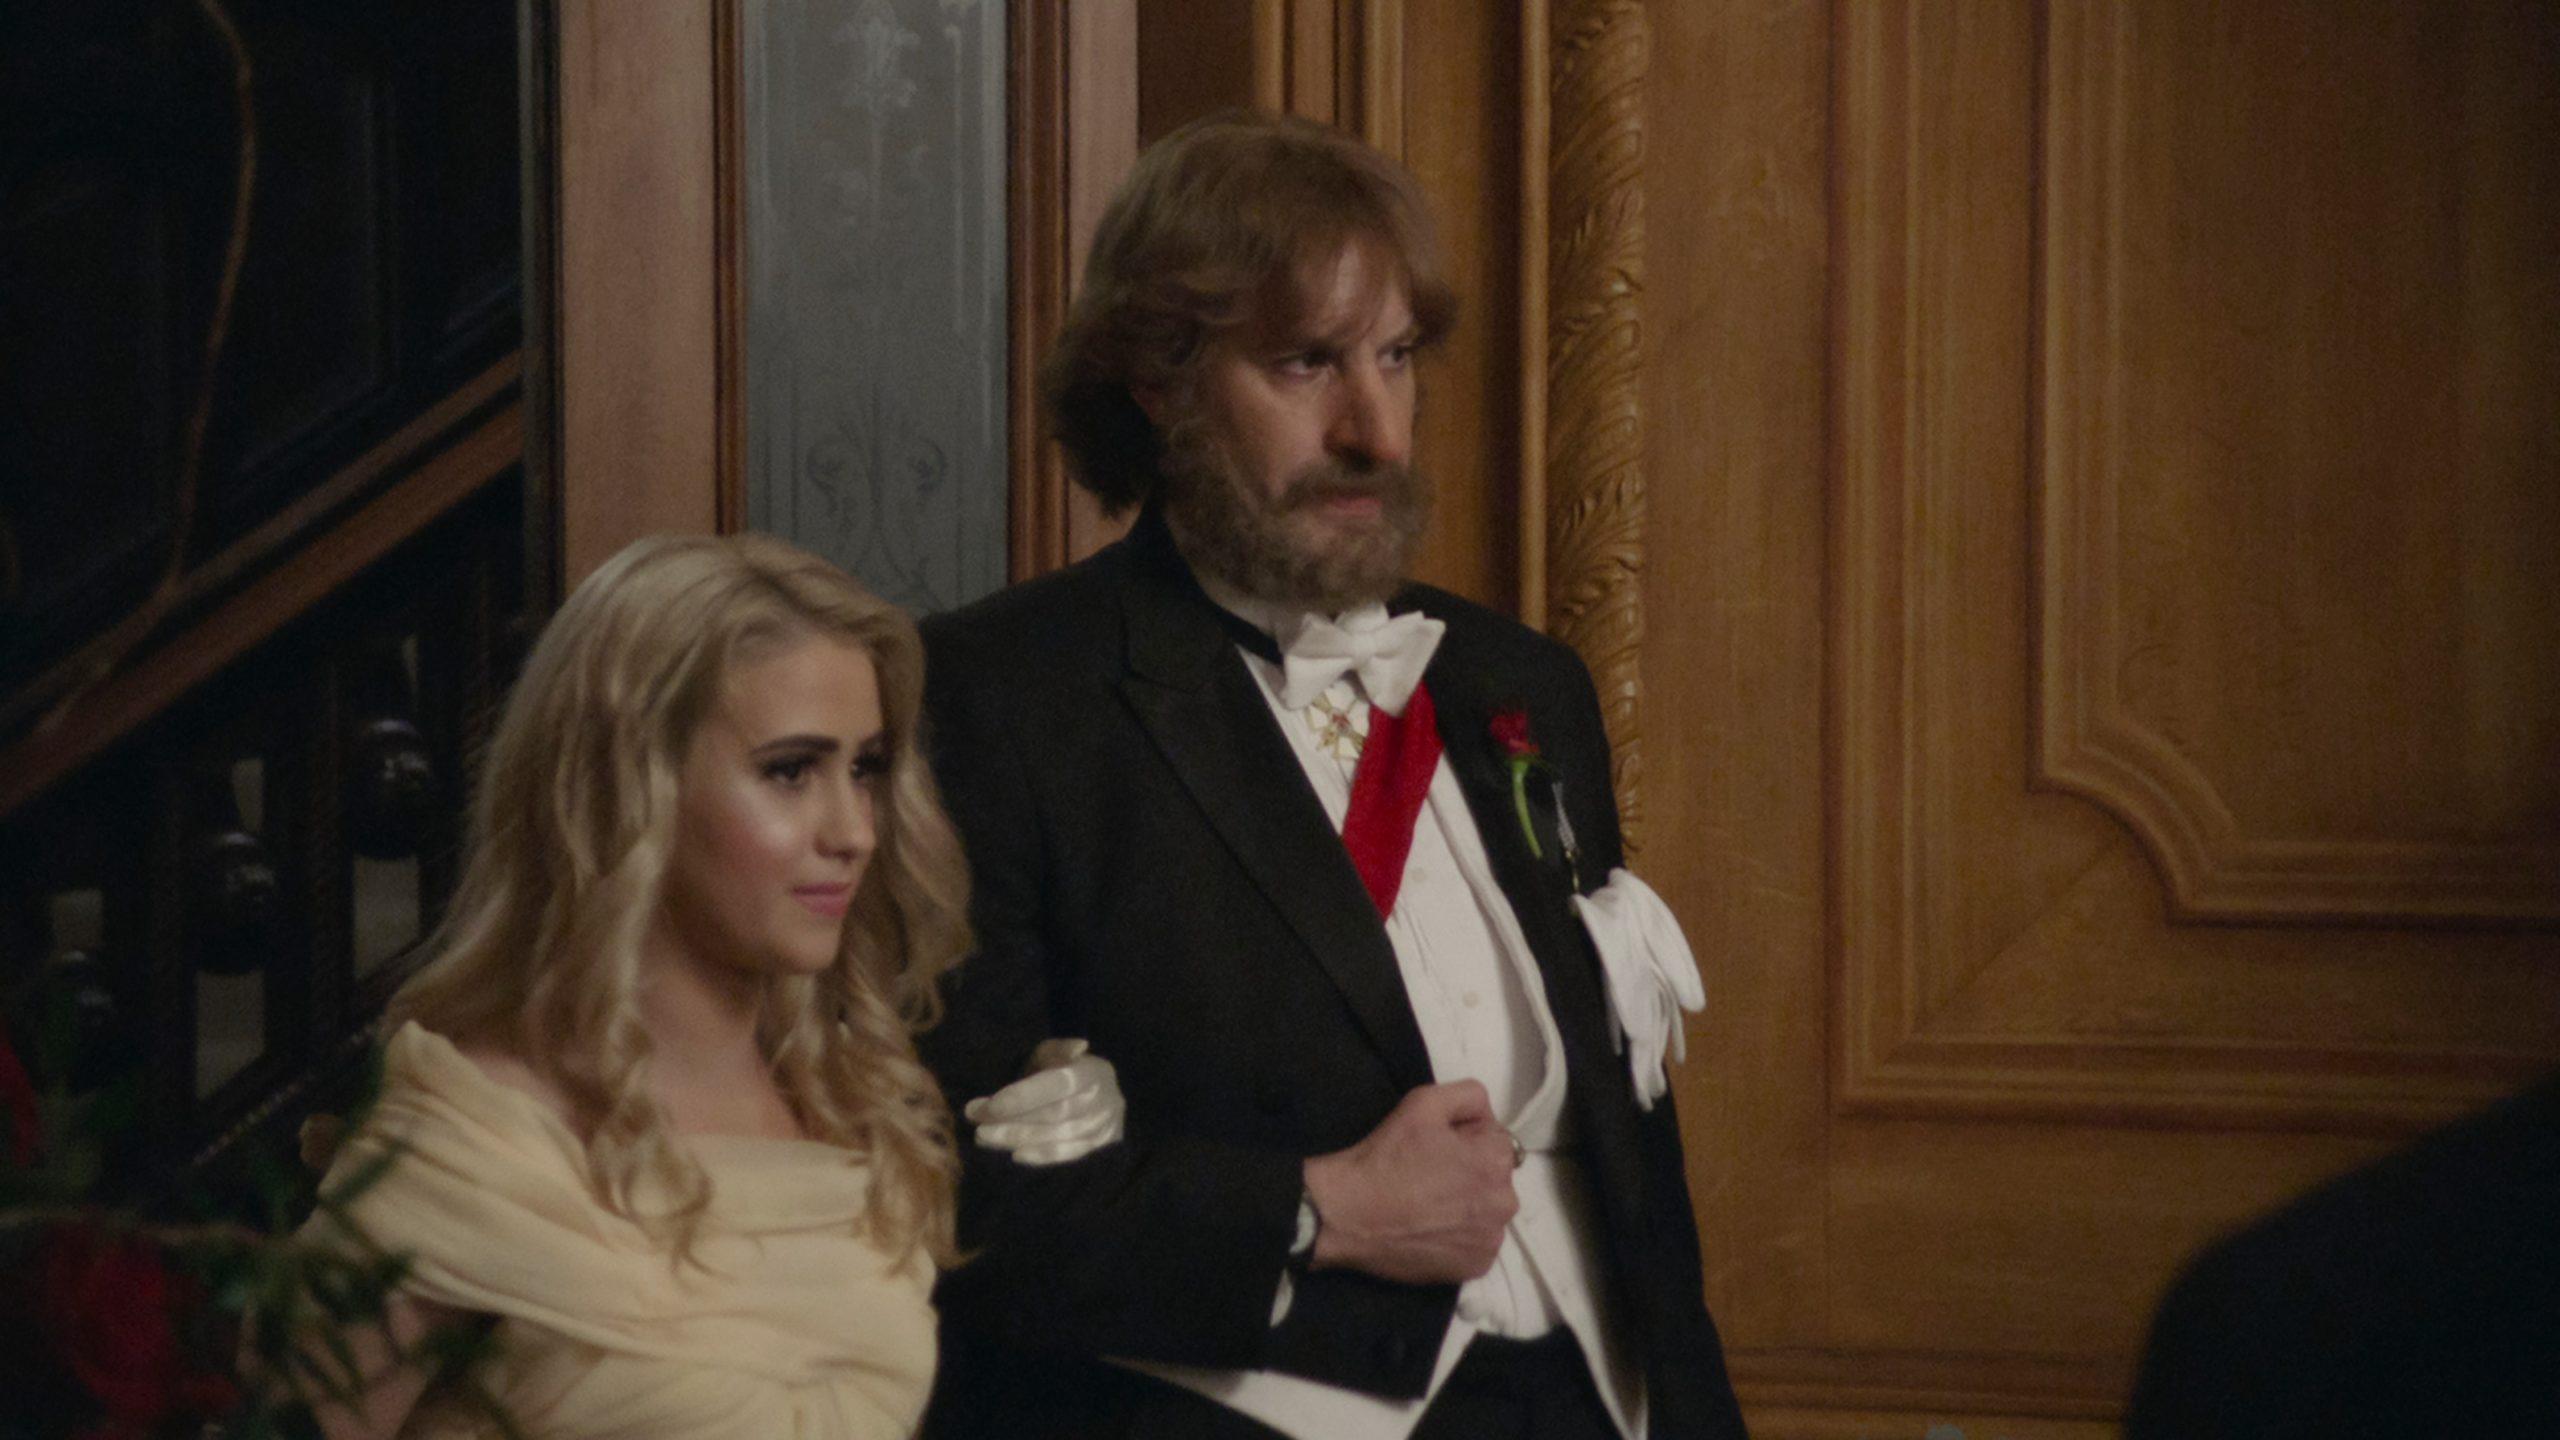 ¿Quién es Maria Bakalova, la actriz que interpreta a la hija de Borat?